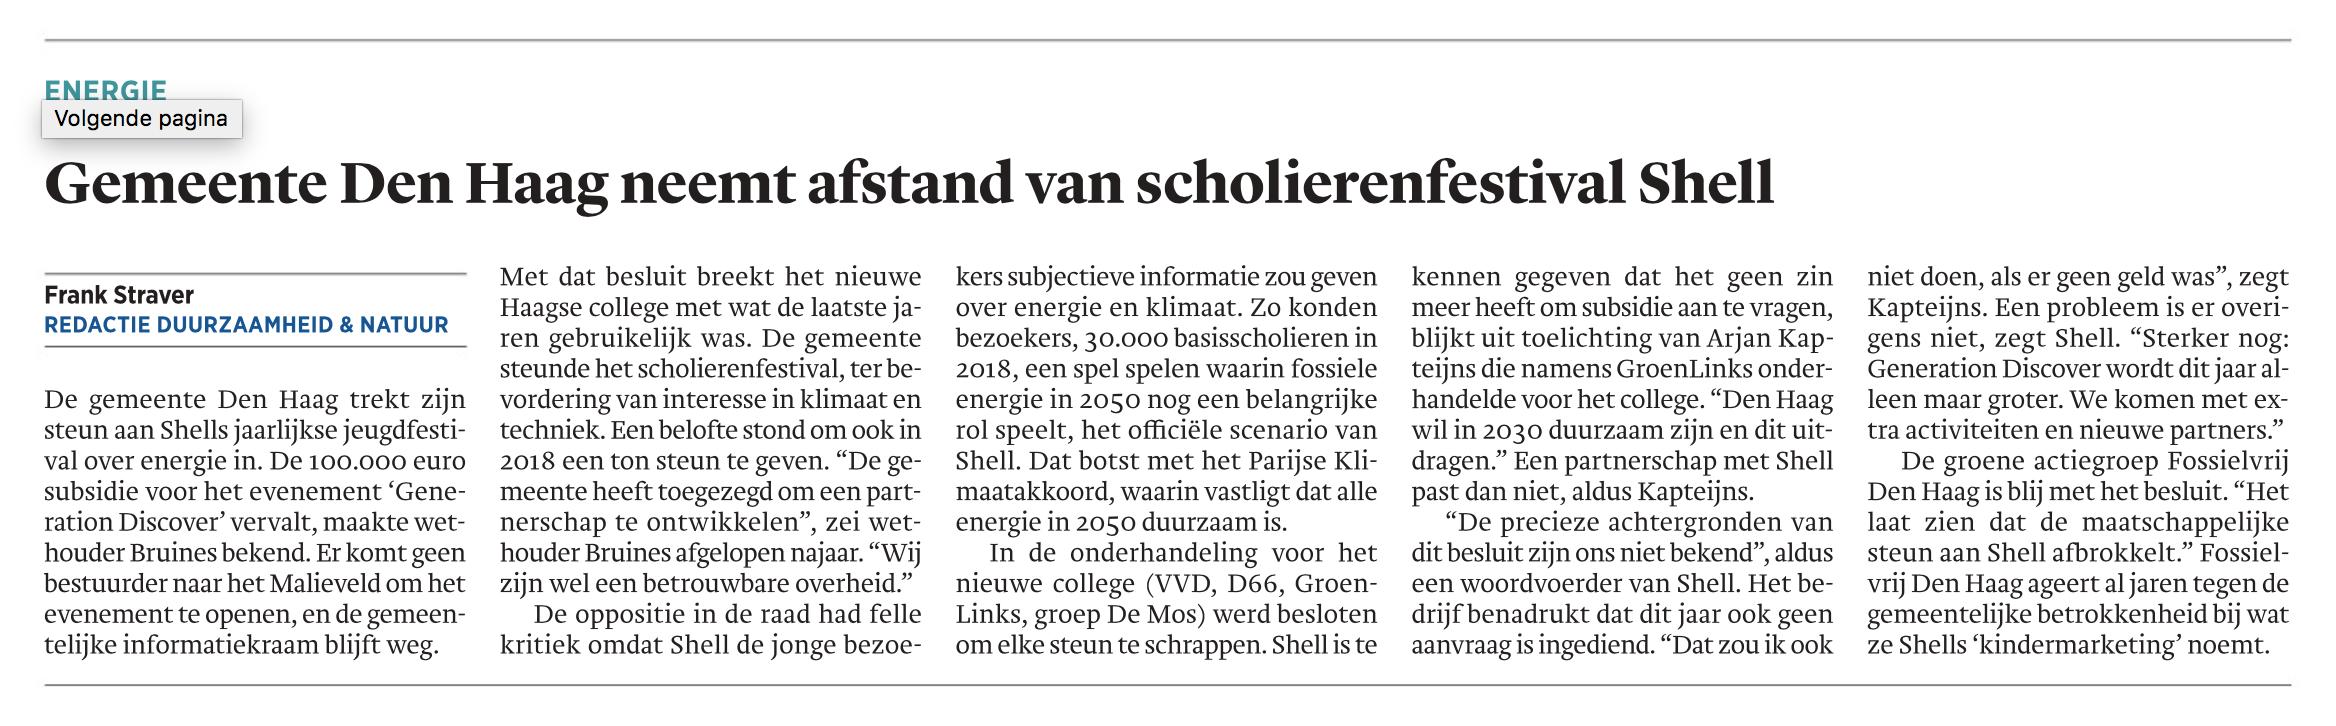 Trouw Den Haag neemt afstand van scholierenfestival Shell